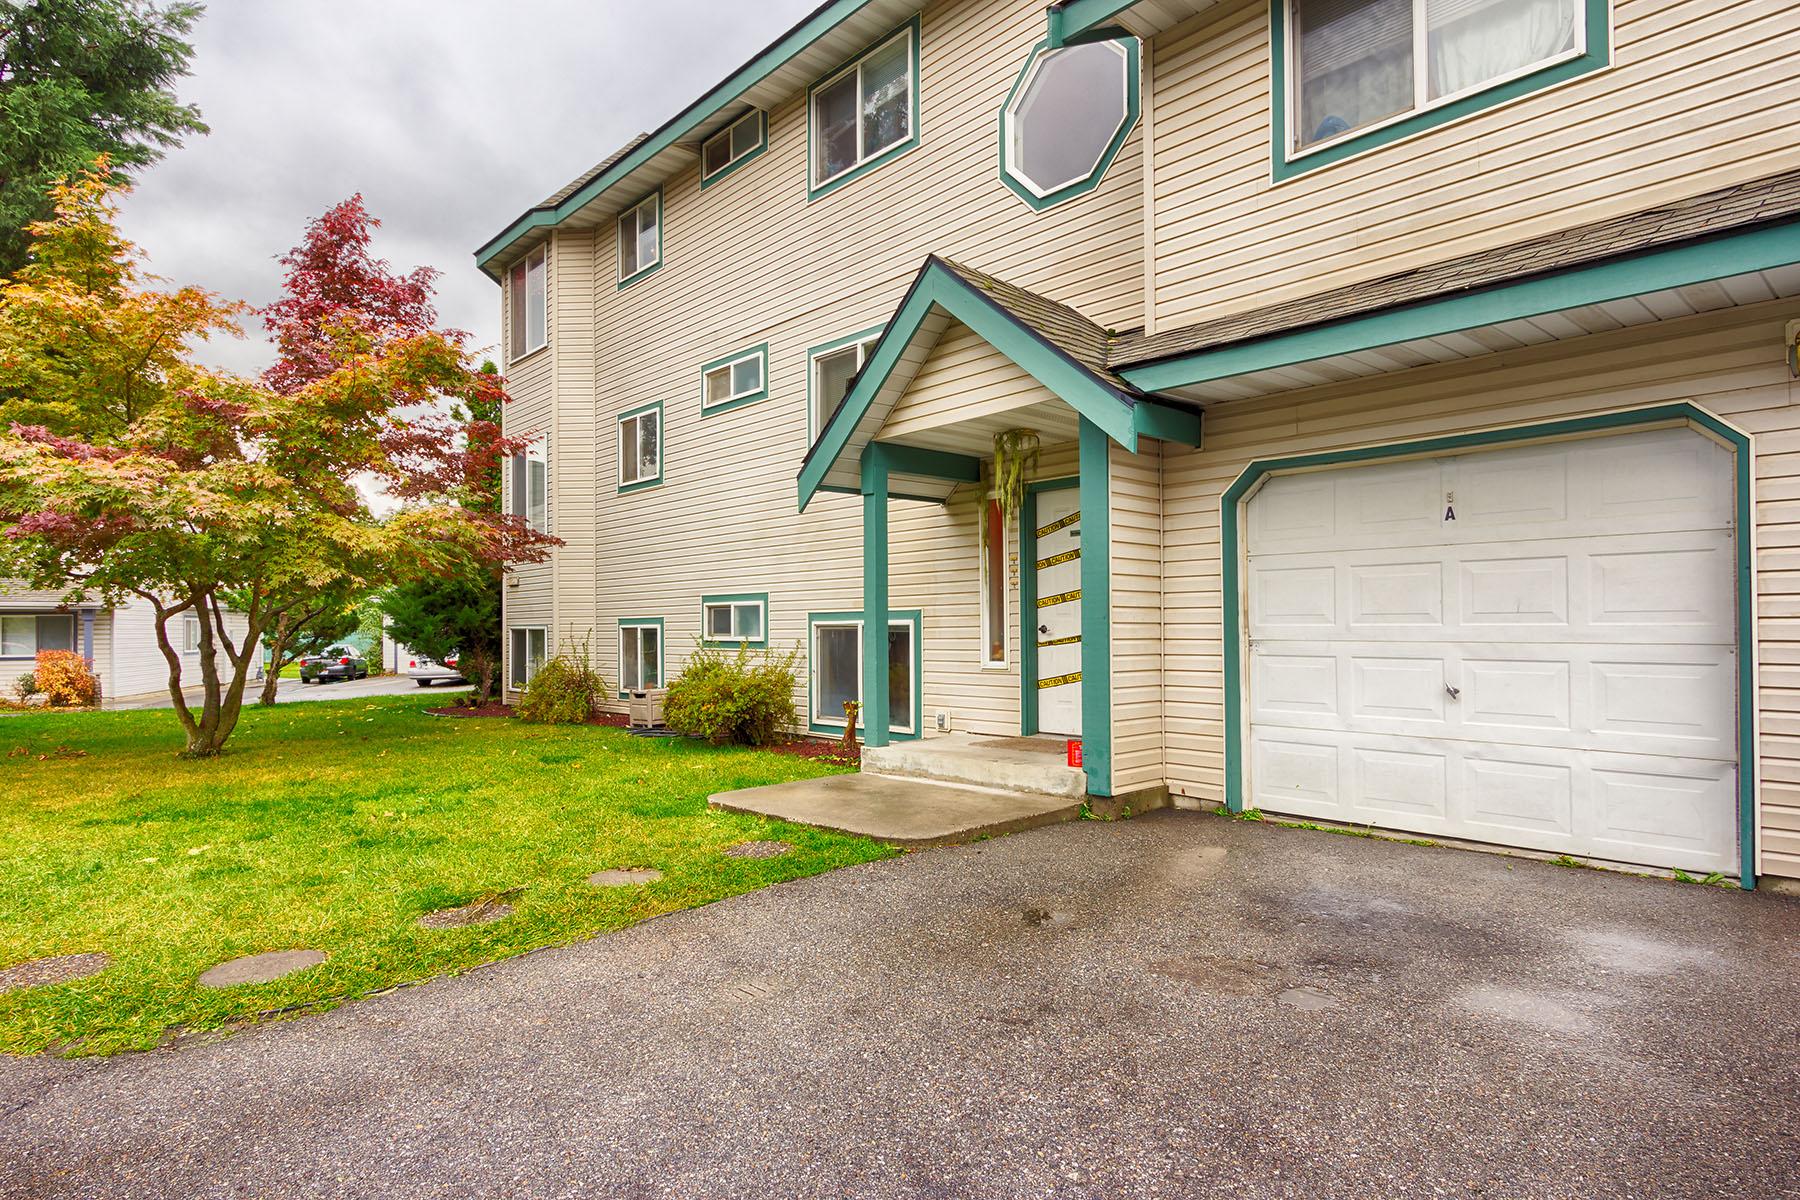 Частный односемейный дом для того Продажа на Post Falls 4-Plex 3452 W Lilac Ct Post Falls, Айдахо, 83854 Соединенные Штаты